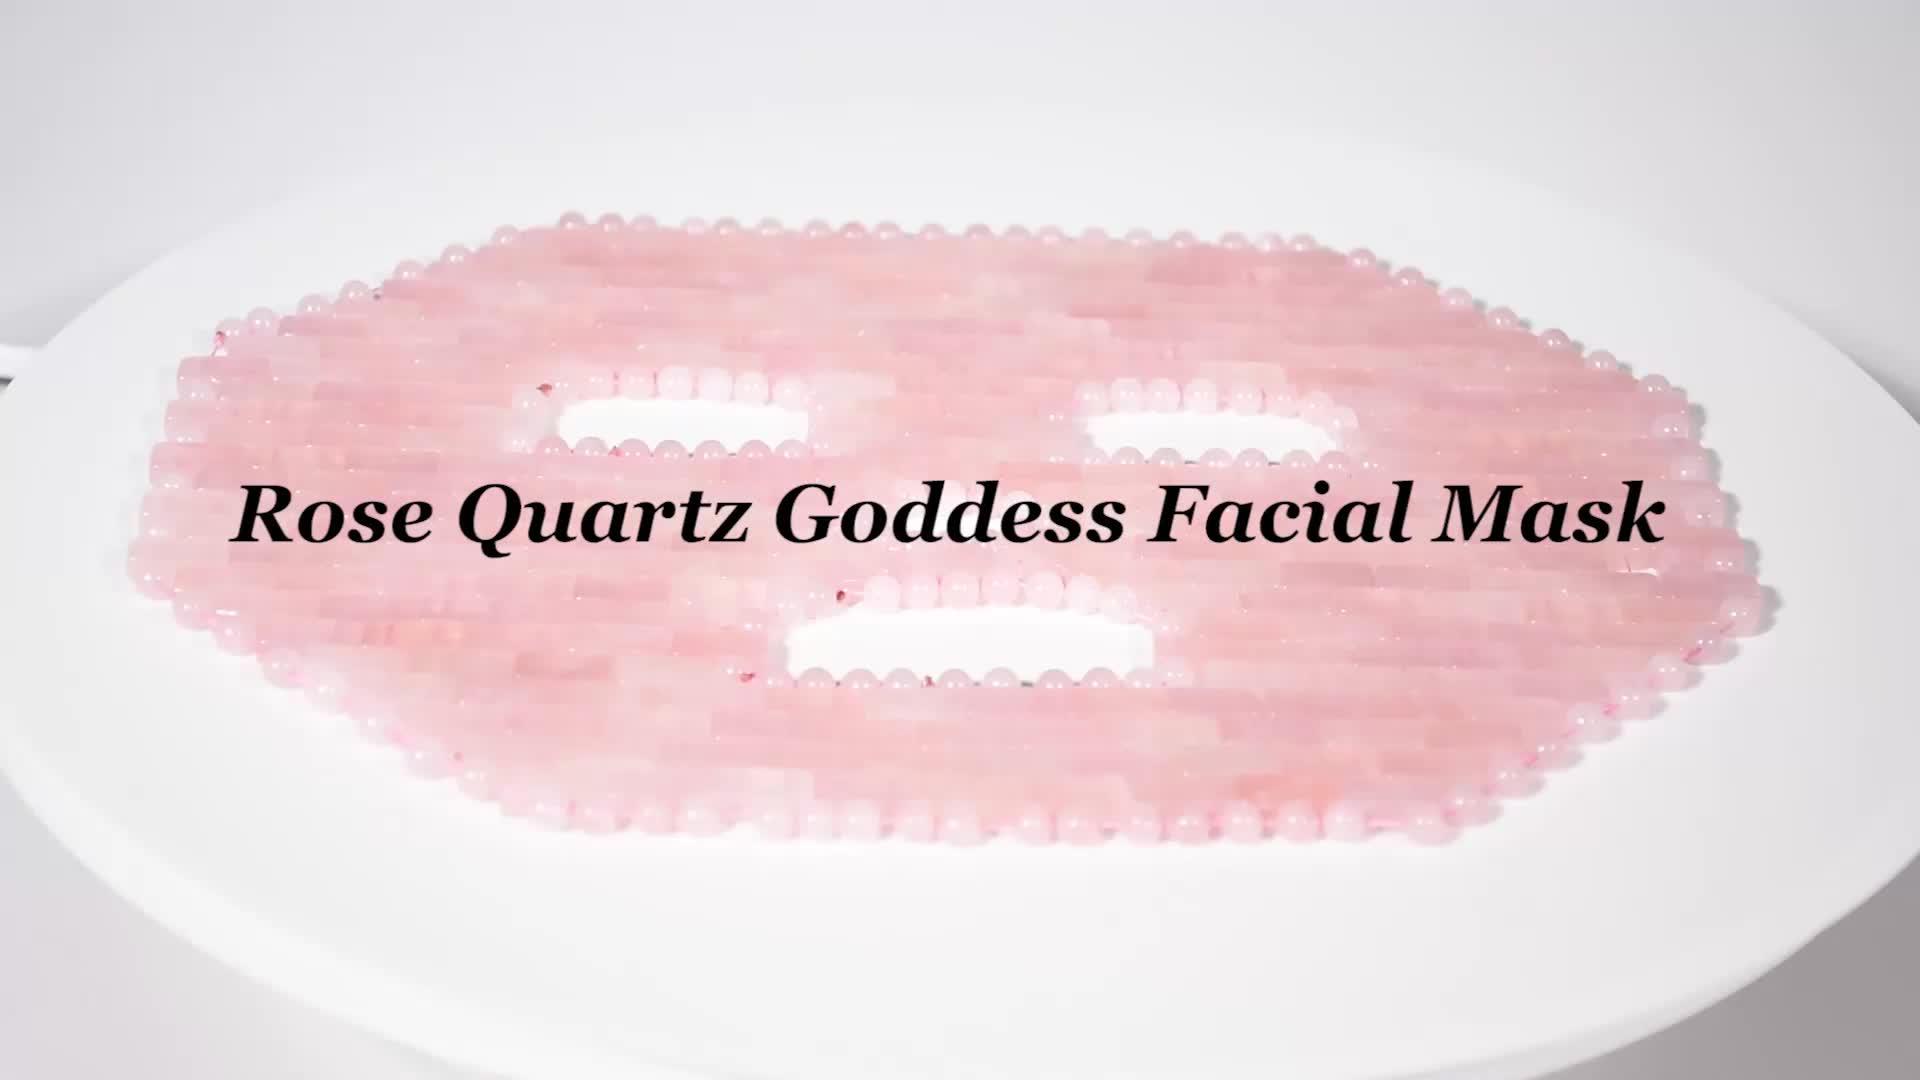 2019 tendance coréen rose quartz rose masque facial pour diminuer les poches et sacs